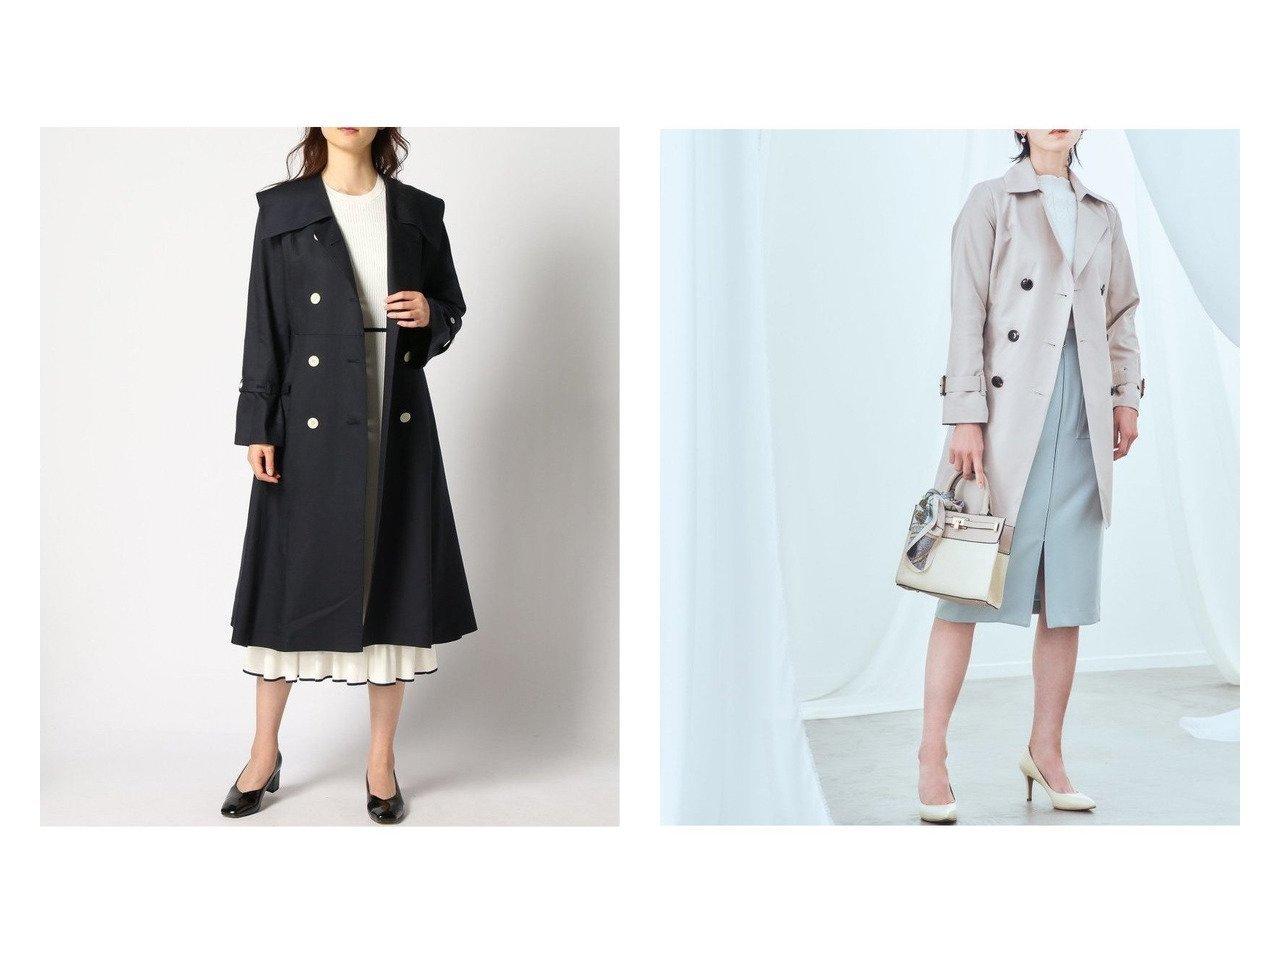 【LANVIN en Bleu/ランバン オン ブルー】のセーラーカラートレンチコート&【MEW'S REFINED CLOTHES/ミューズ リファインド クローズ】の防花粉・撥水ウォッシャブルトレンチコート 【アウター】おすすめ!人気、トレンド・レディースファッションの通販 おすすめで人気の流行・トレンド、ファッションの通販商品 メンズファッション・キッズファッション・インテリア・家具・レディースファッション・服の通販 founy(ファニー) https://founy.com/ ファッション Fashion レディースファッション WOMEN アウター Coat Outerwear コート Coats ジャケット Jackets トレンチコート Trench Coats ウォッシャブル ジャケット ロング 定番 Standard 洗える  ID:crp329100000027898